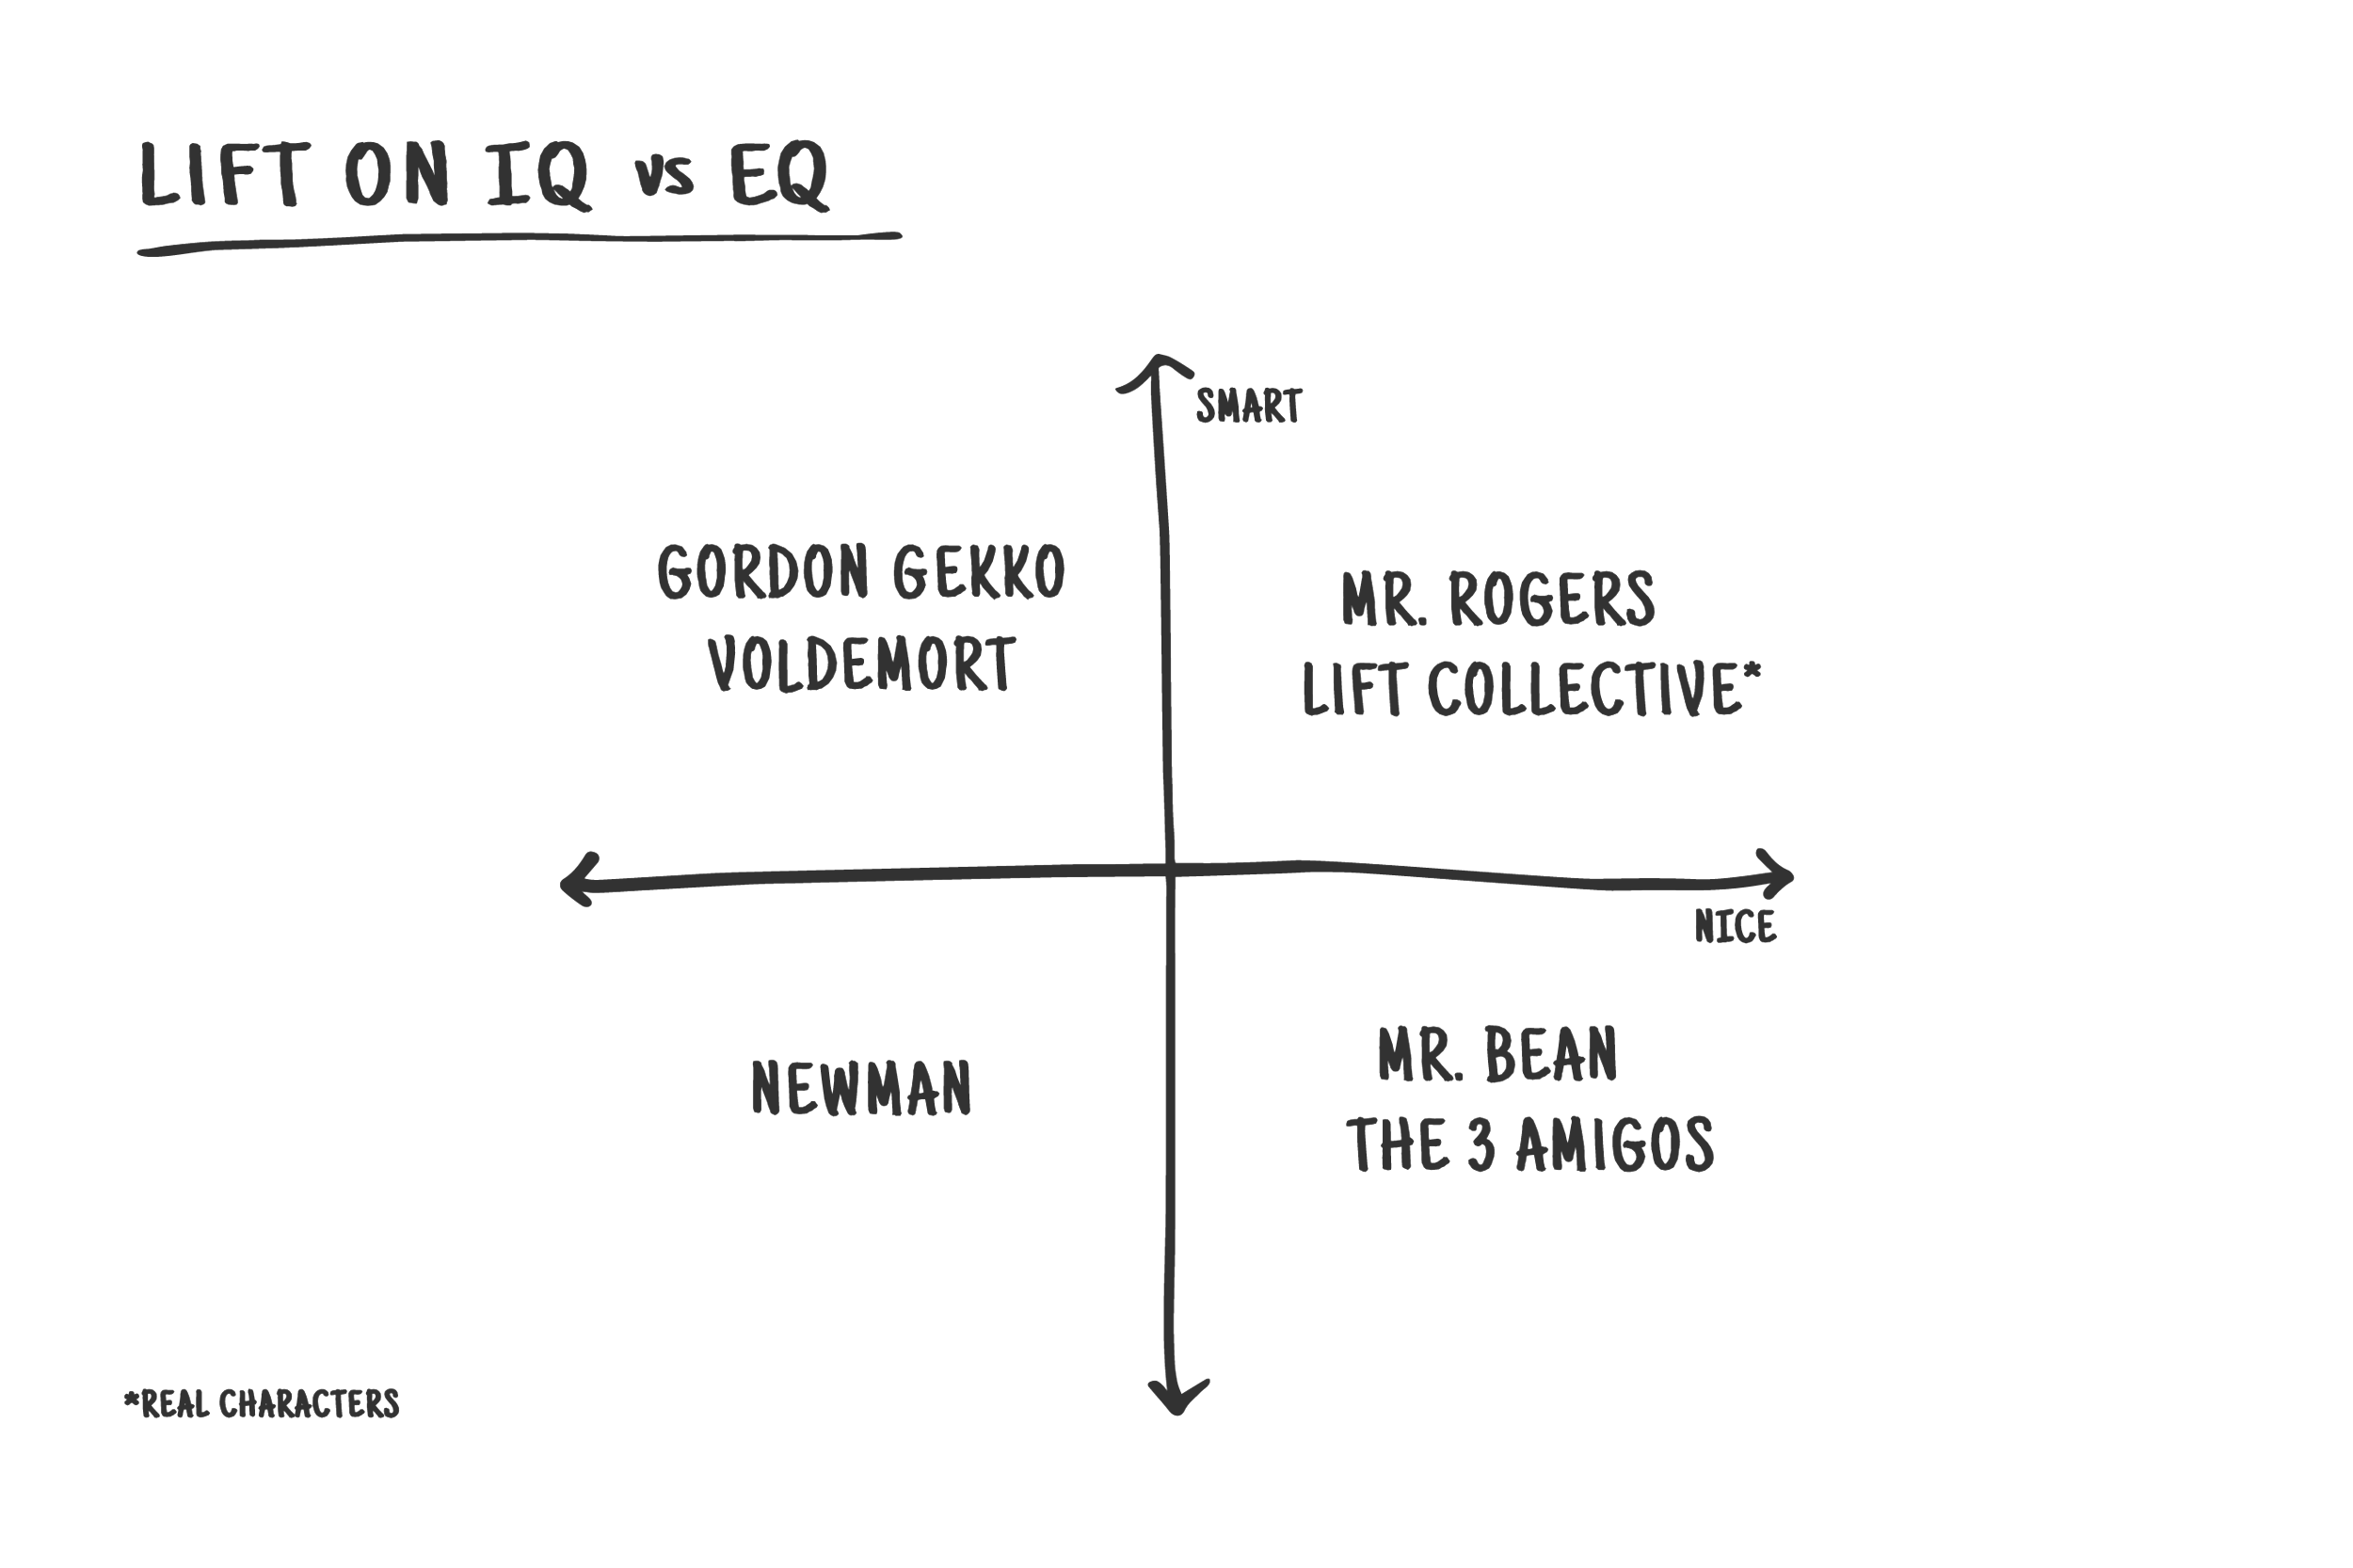 Lift-web-frameworks-about_us-IQ_EQ.png